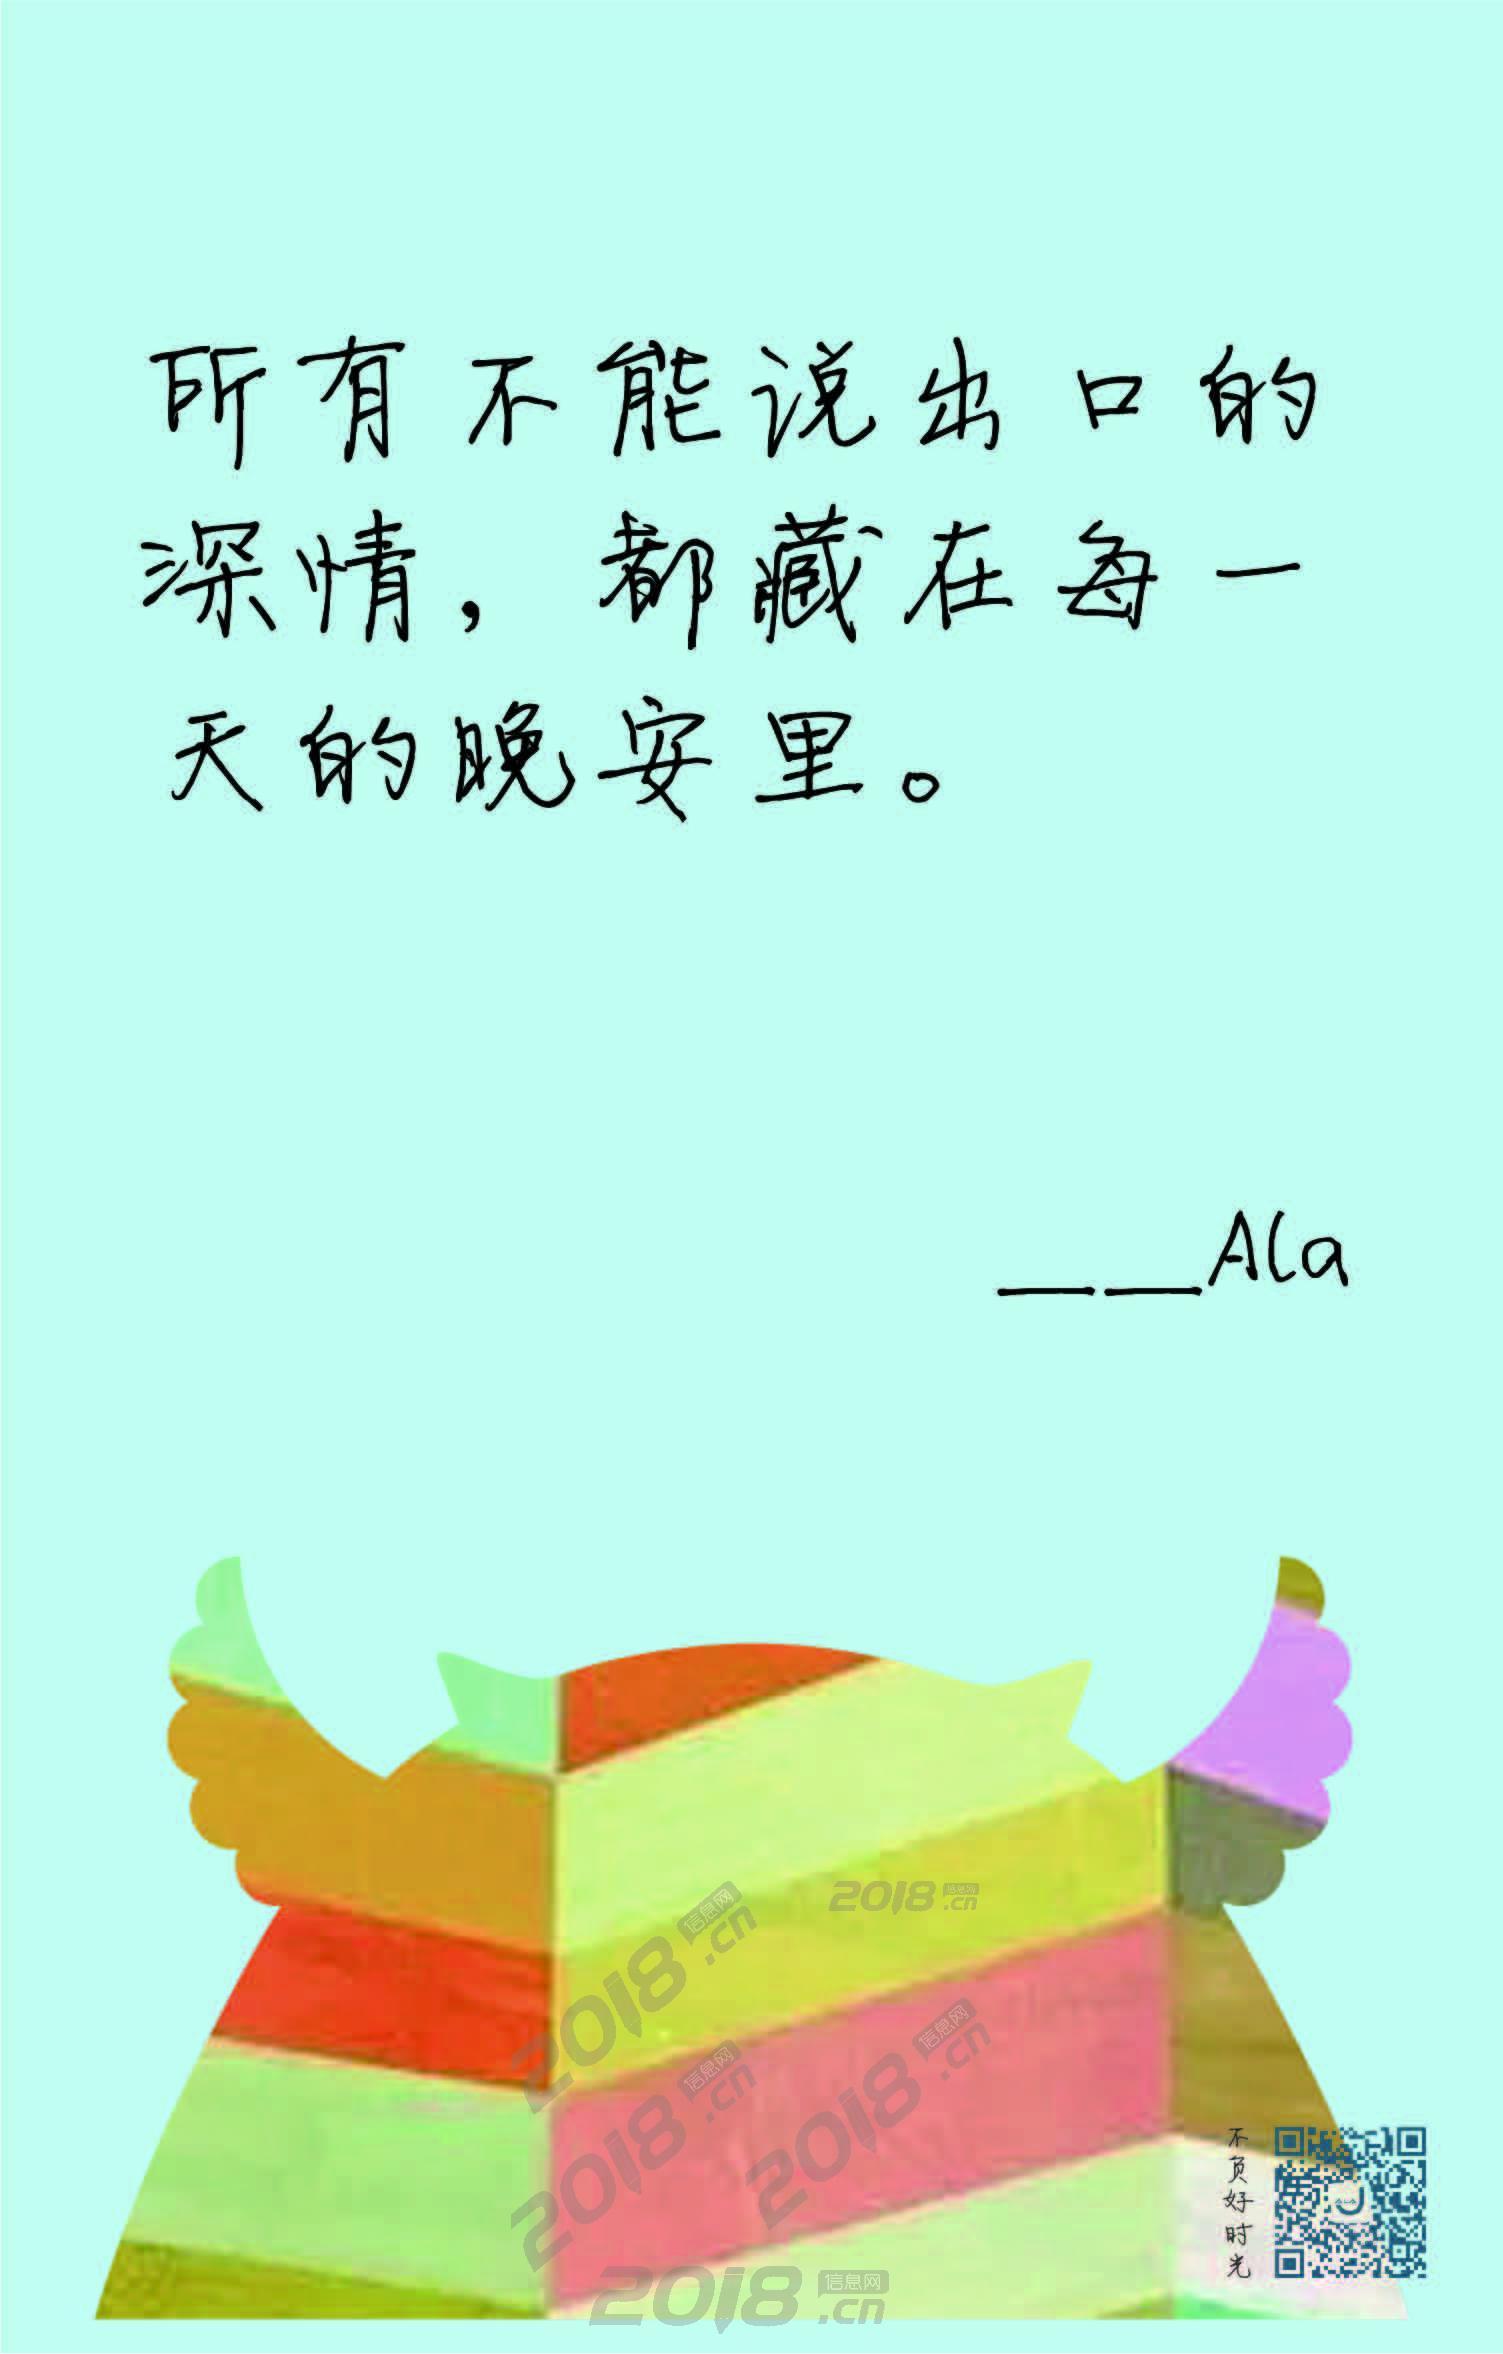 深圳阿拉卓盈酒店全湘潭地区加盟推广